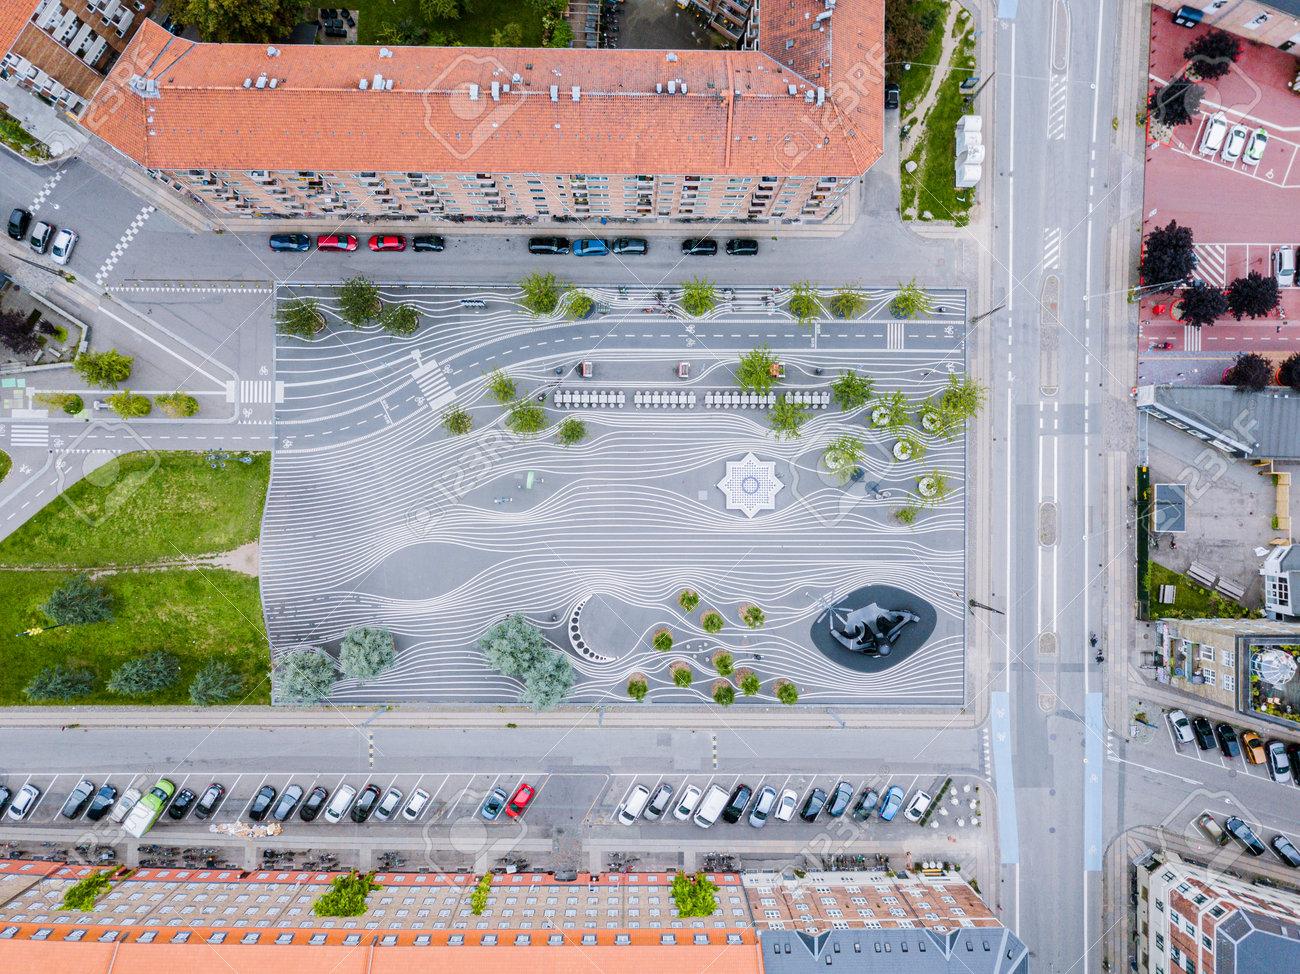 Superkilen Park in Copenhagen, Denmark - 171014258